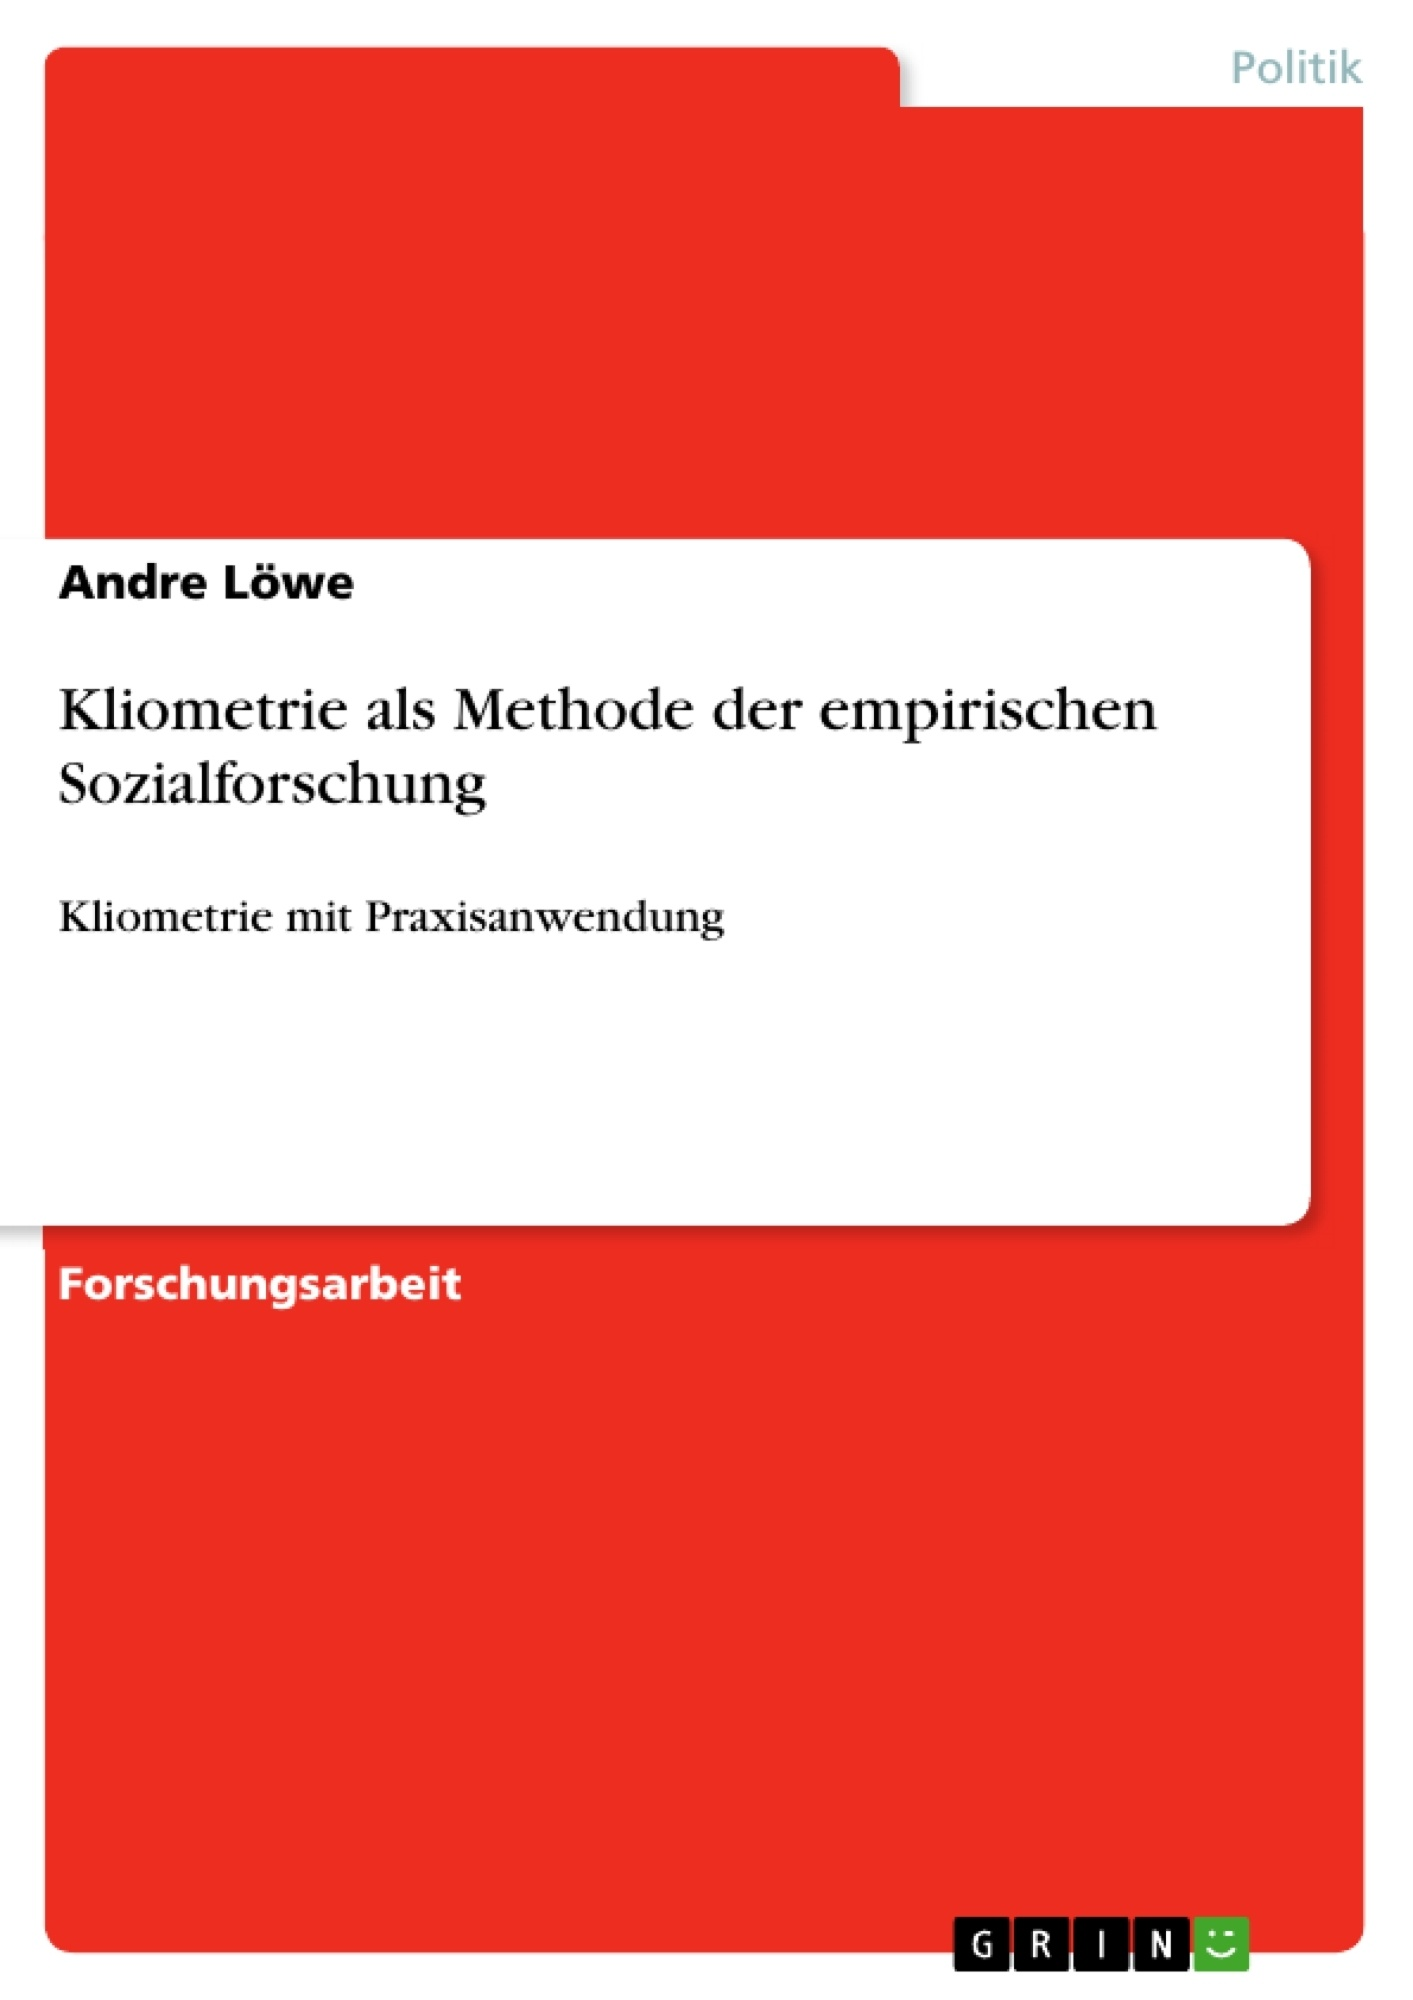 Titel: Kliometrie als Methode der empirischen Sozialforschung